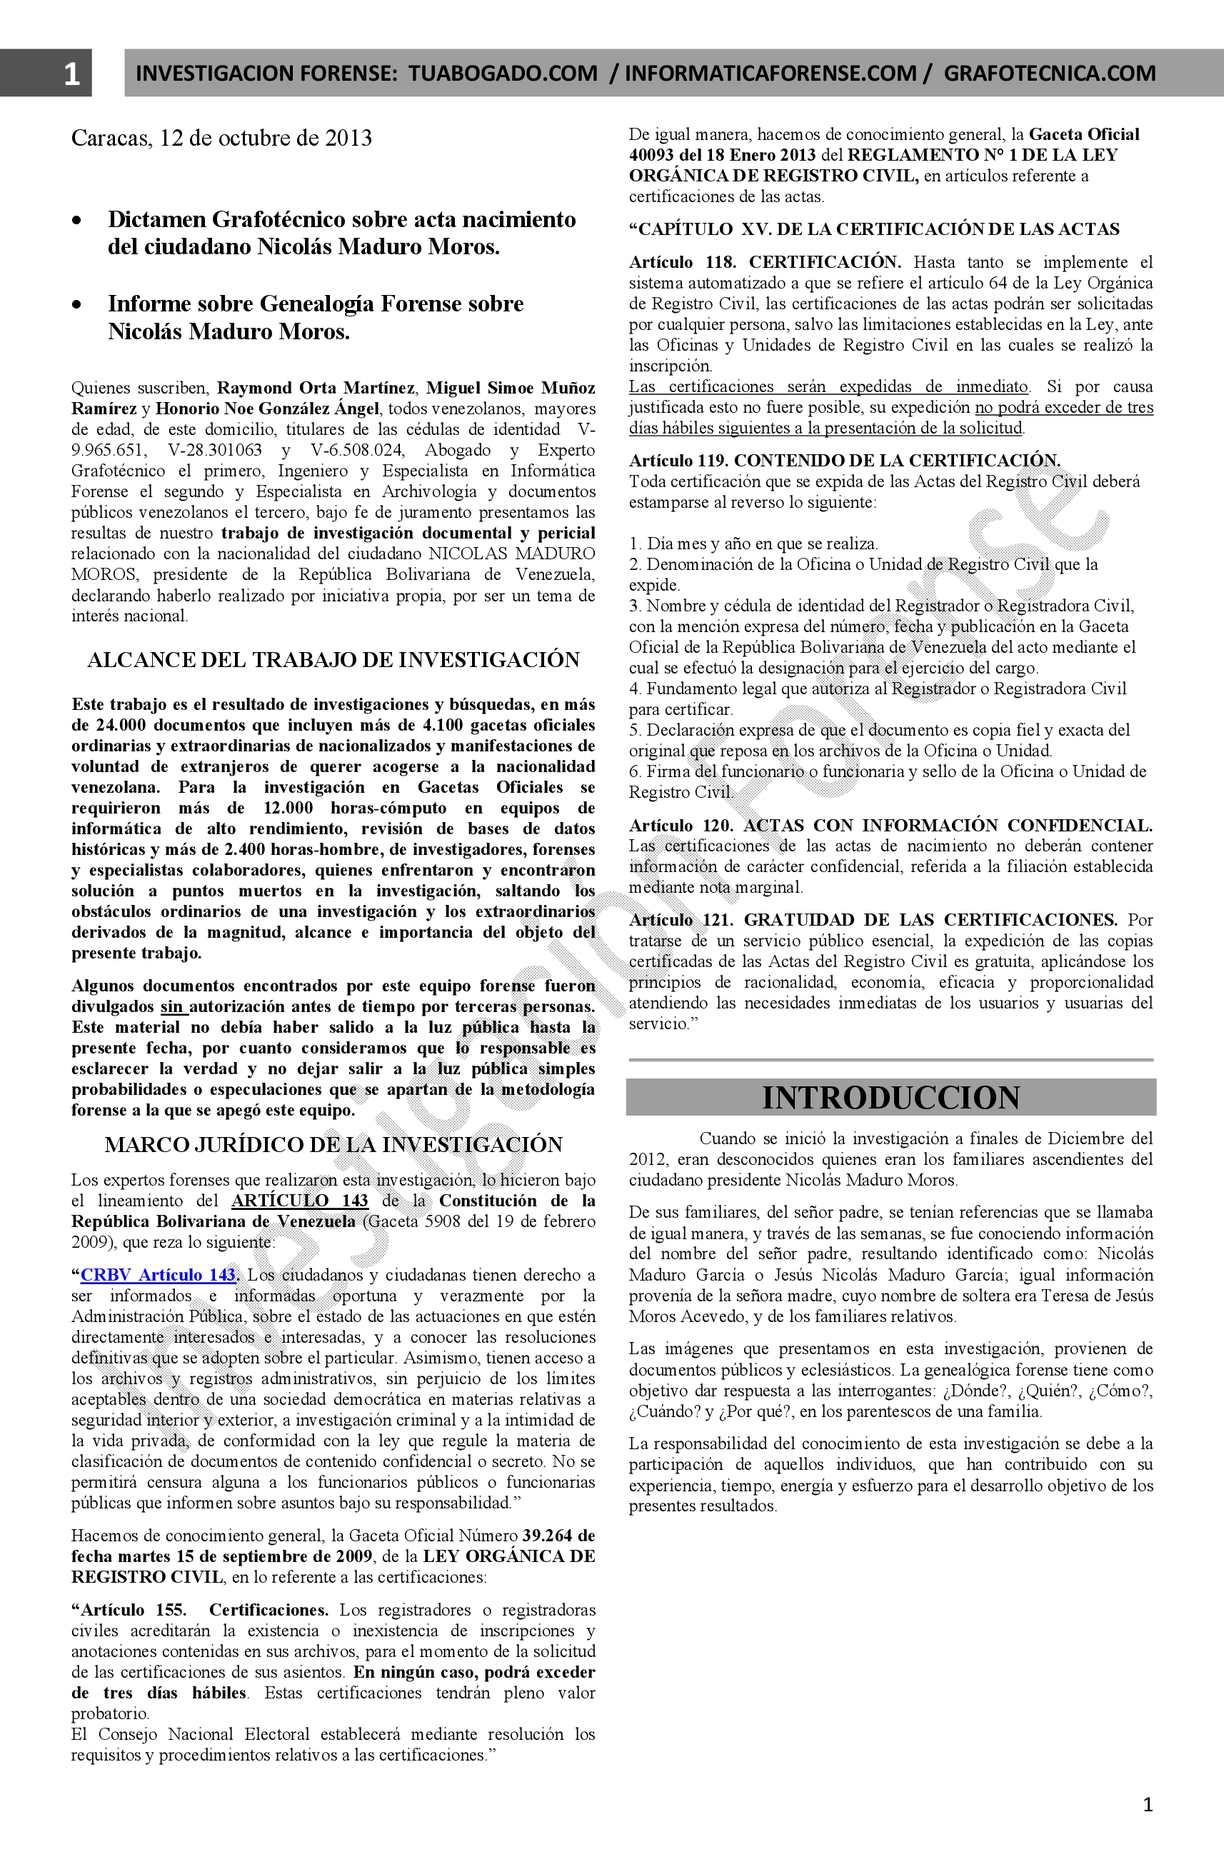 Calaméo - Dictamen Grafotecnico y Genealogia Forense Acta Nacimiento ...